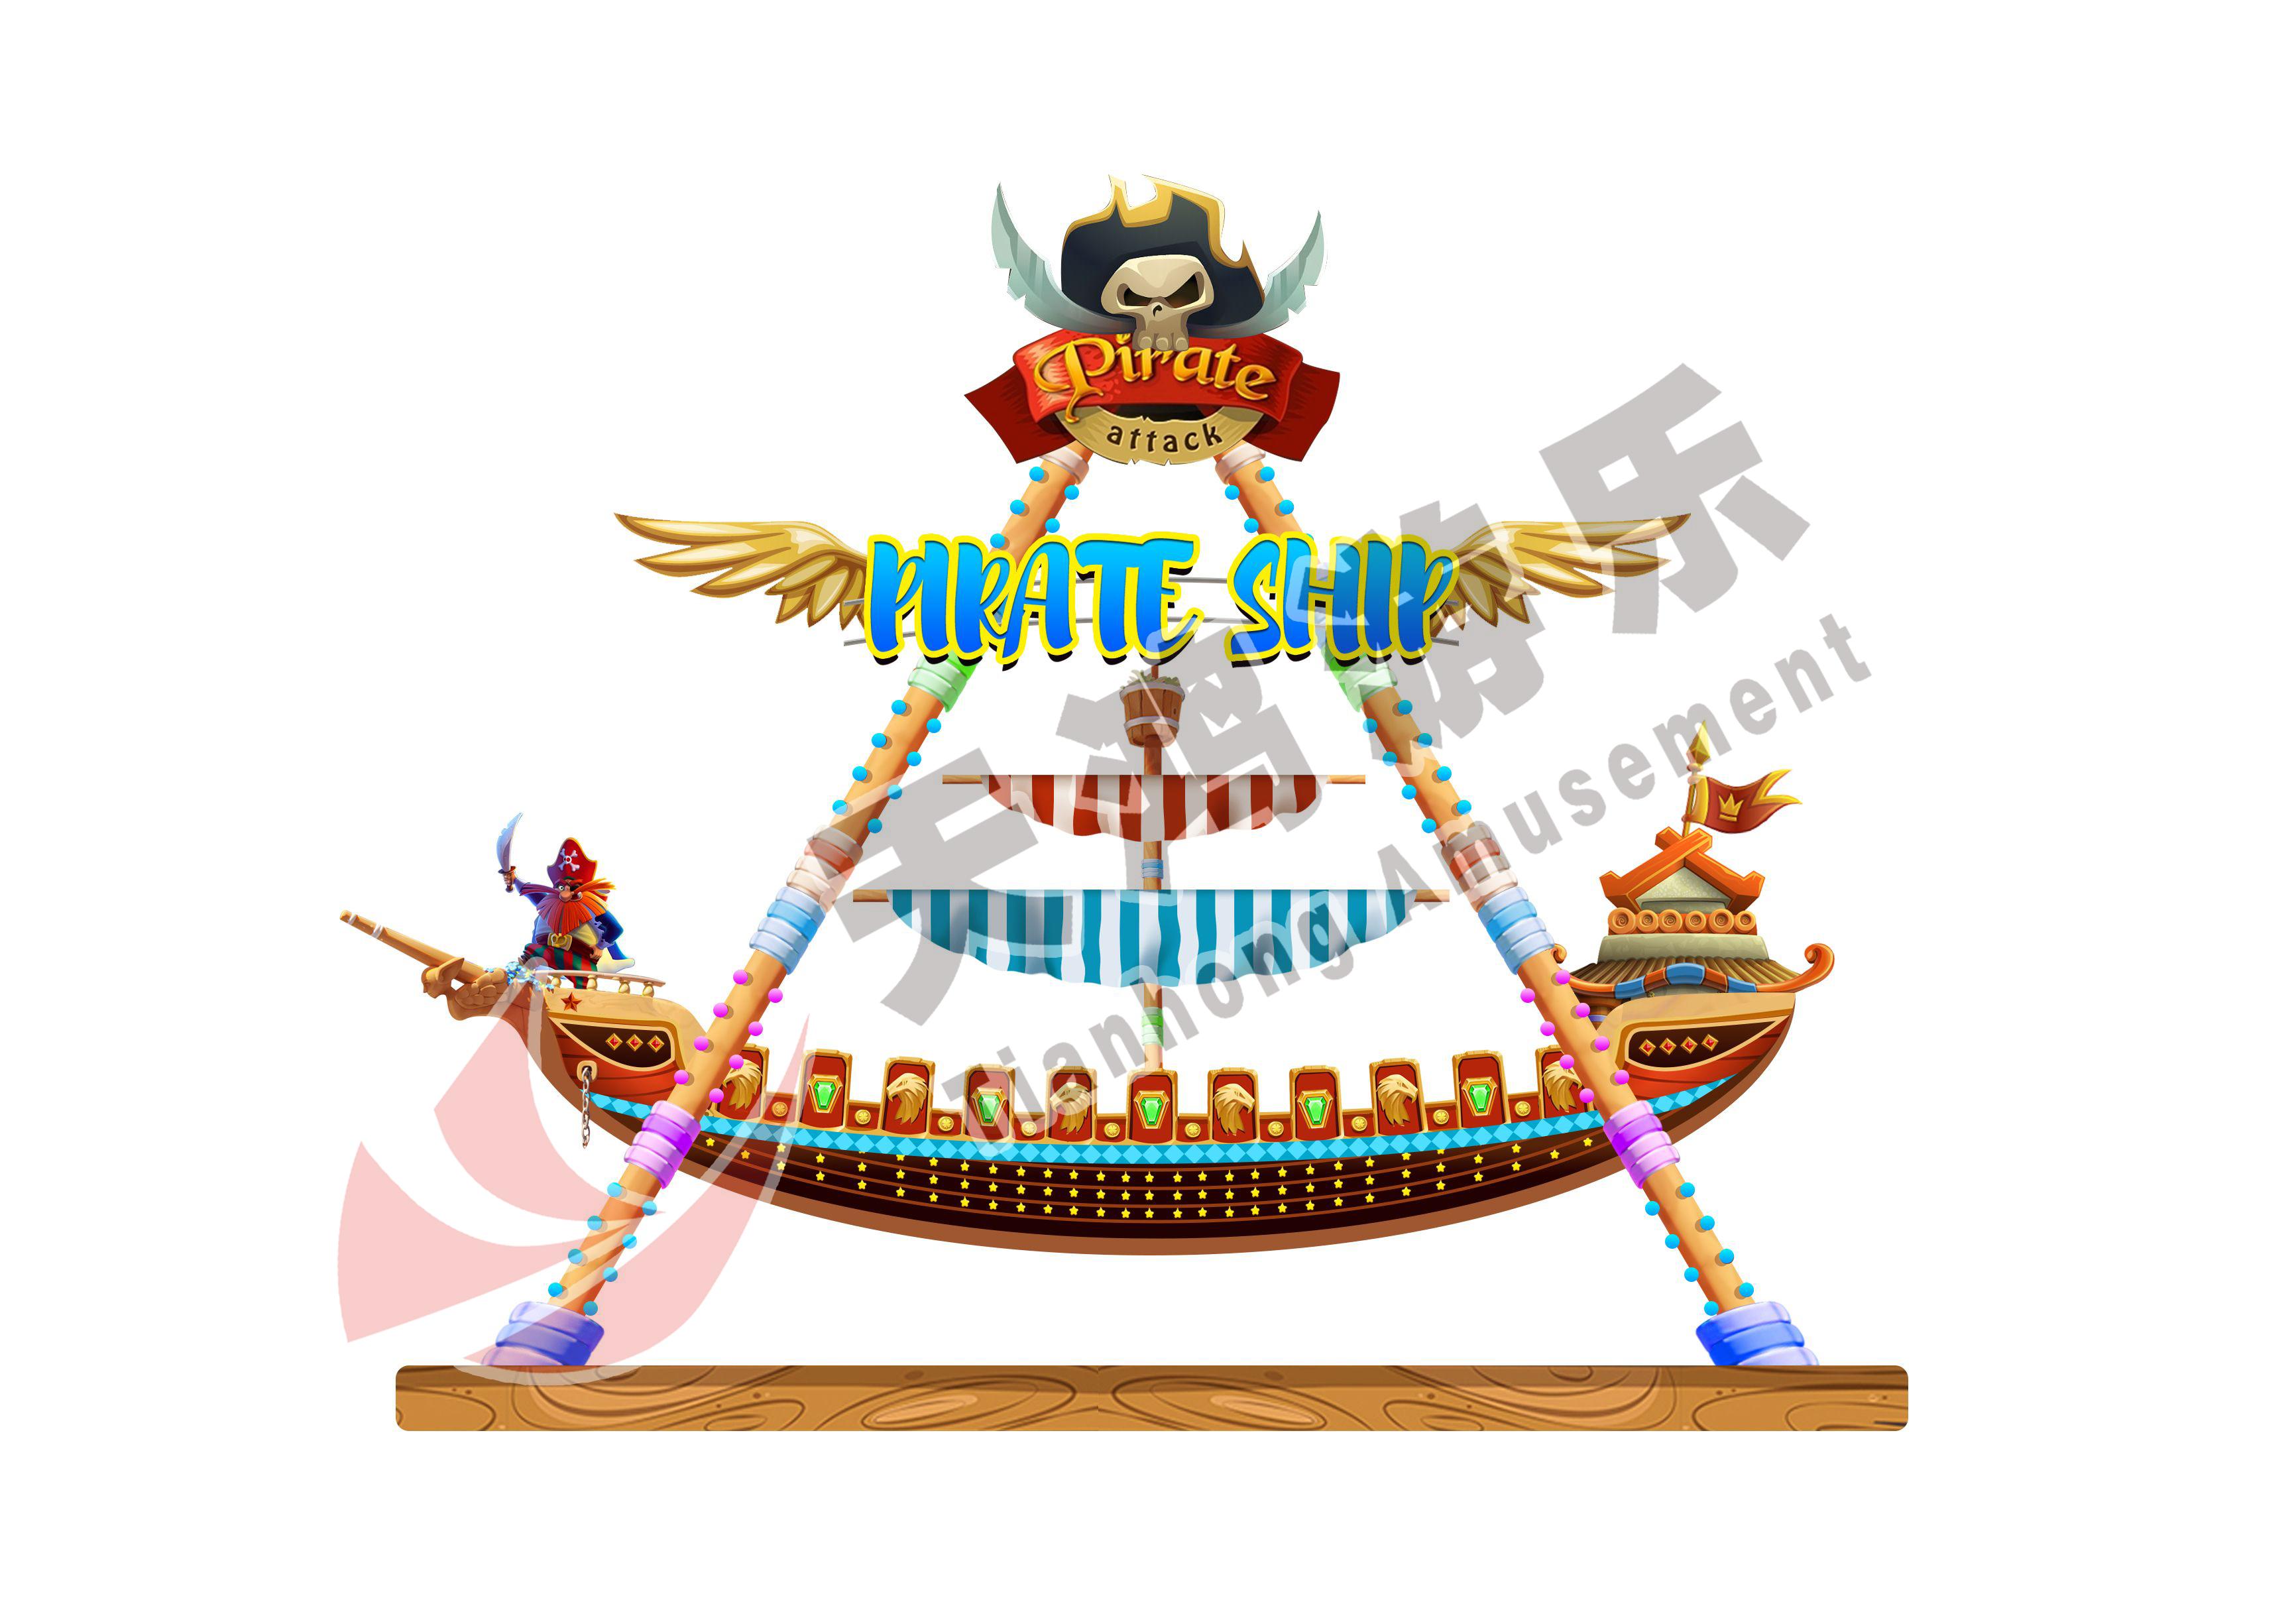 华体会手机版官方登录网站园必备经典项目海盗船